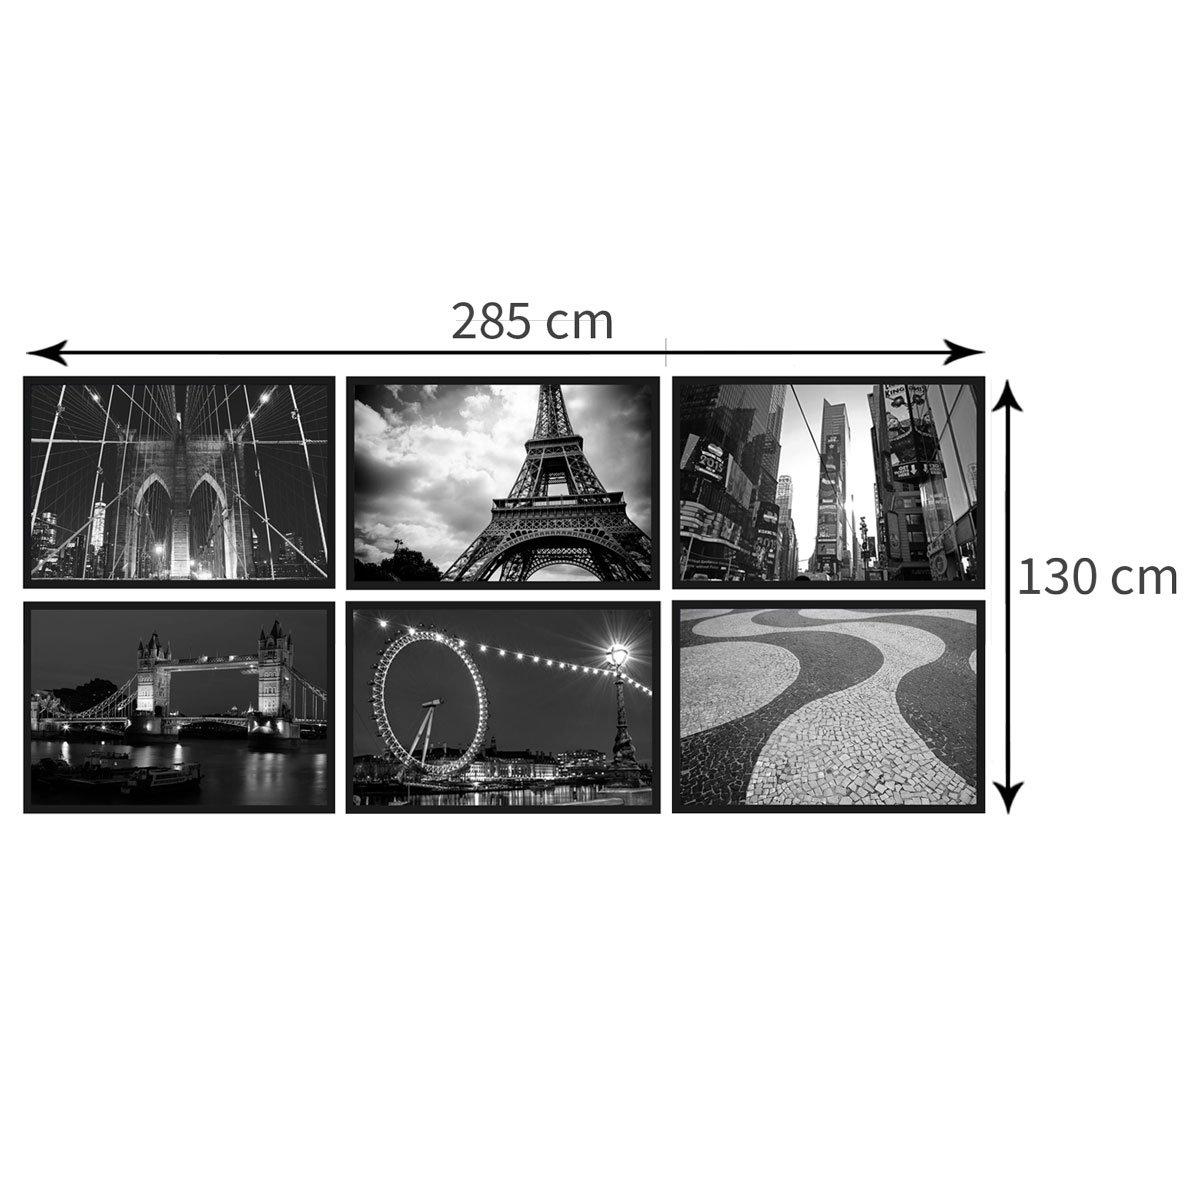 Tamanho aproximado do kit (Largura x Altura): 285 x 130 cm. Cada quadro tem o tamanho de (Largura x Altura): 94x64 cm. O tamanho pode variar conforme disposição que você optar pelos quadros.